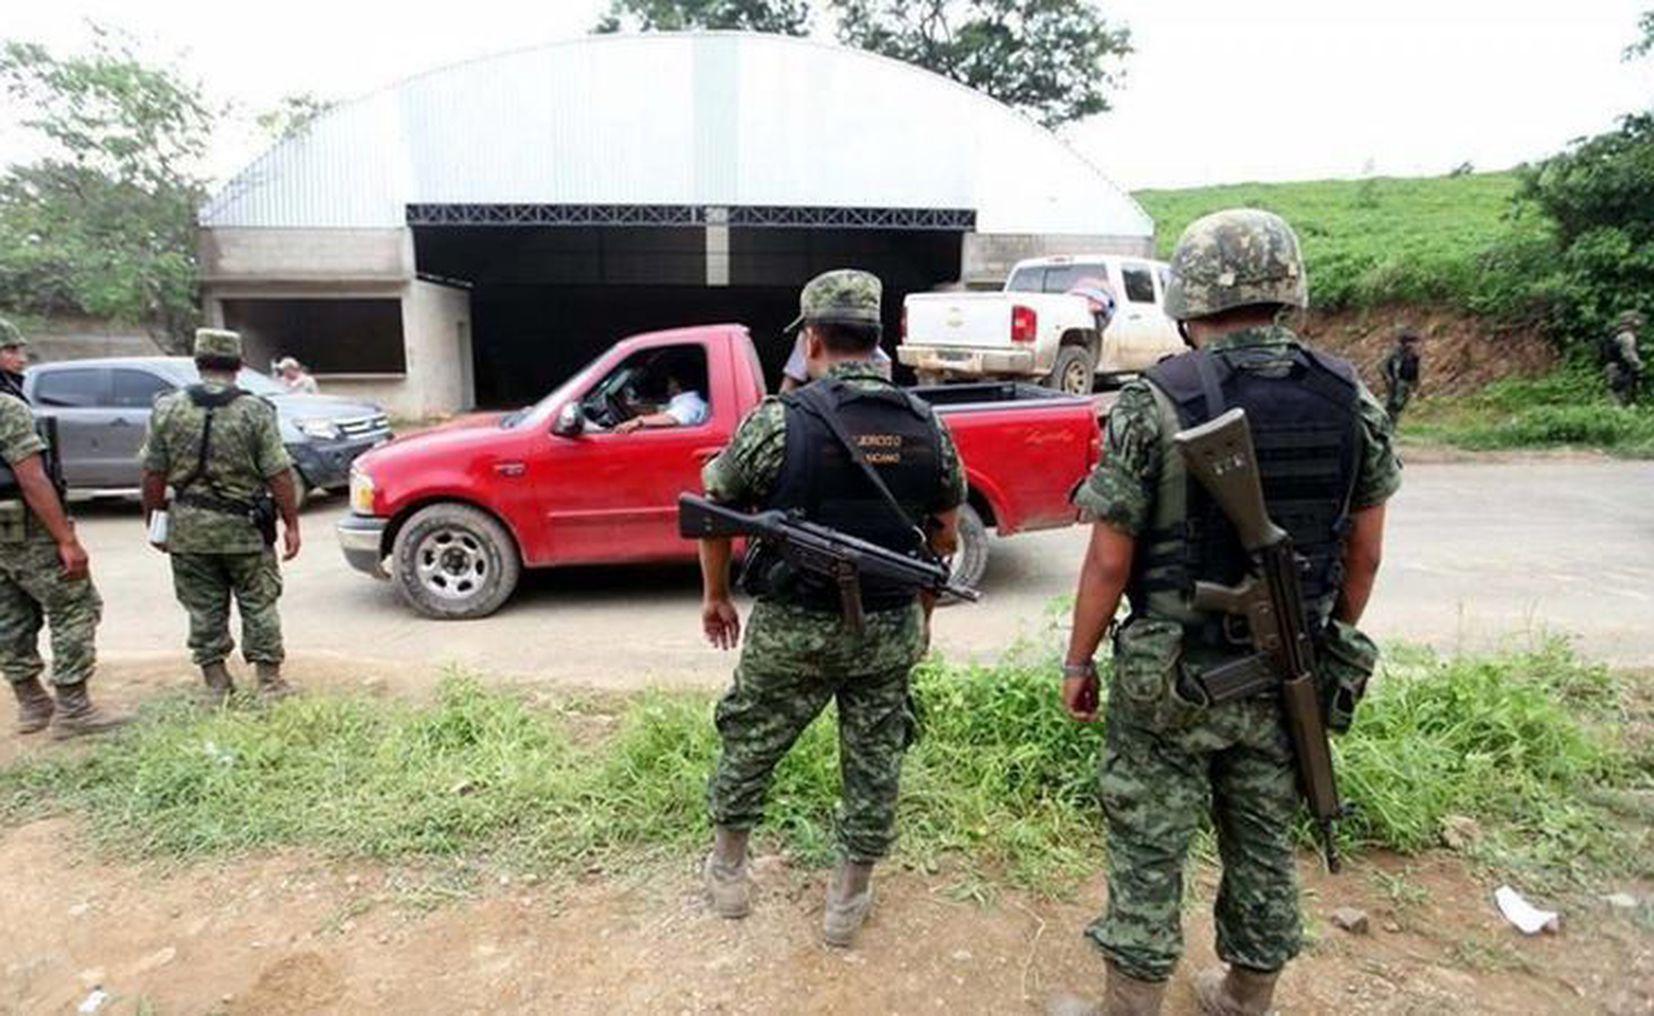 México | Abogado de los militares implicados en el caso Tlatlaya afirma que  los testigos mintieron